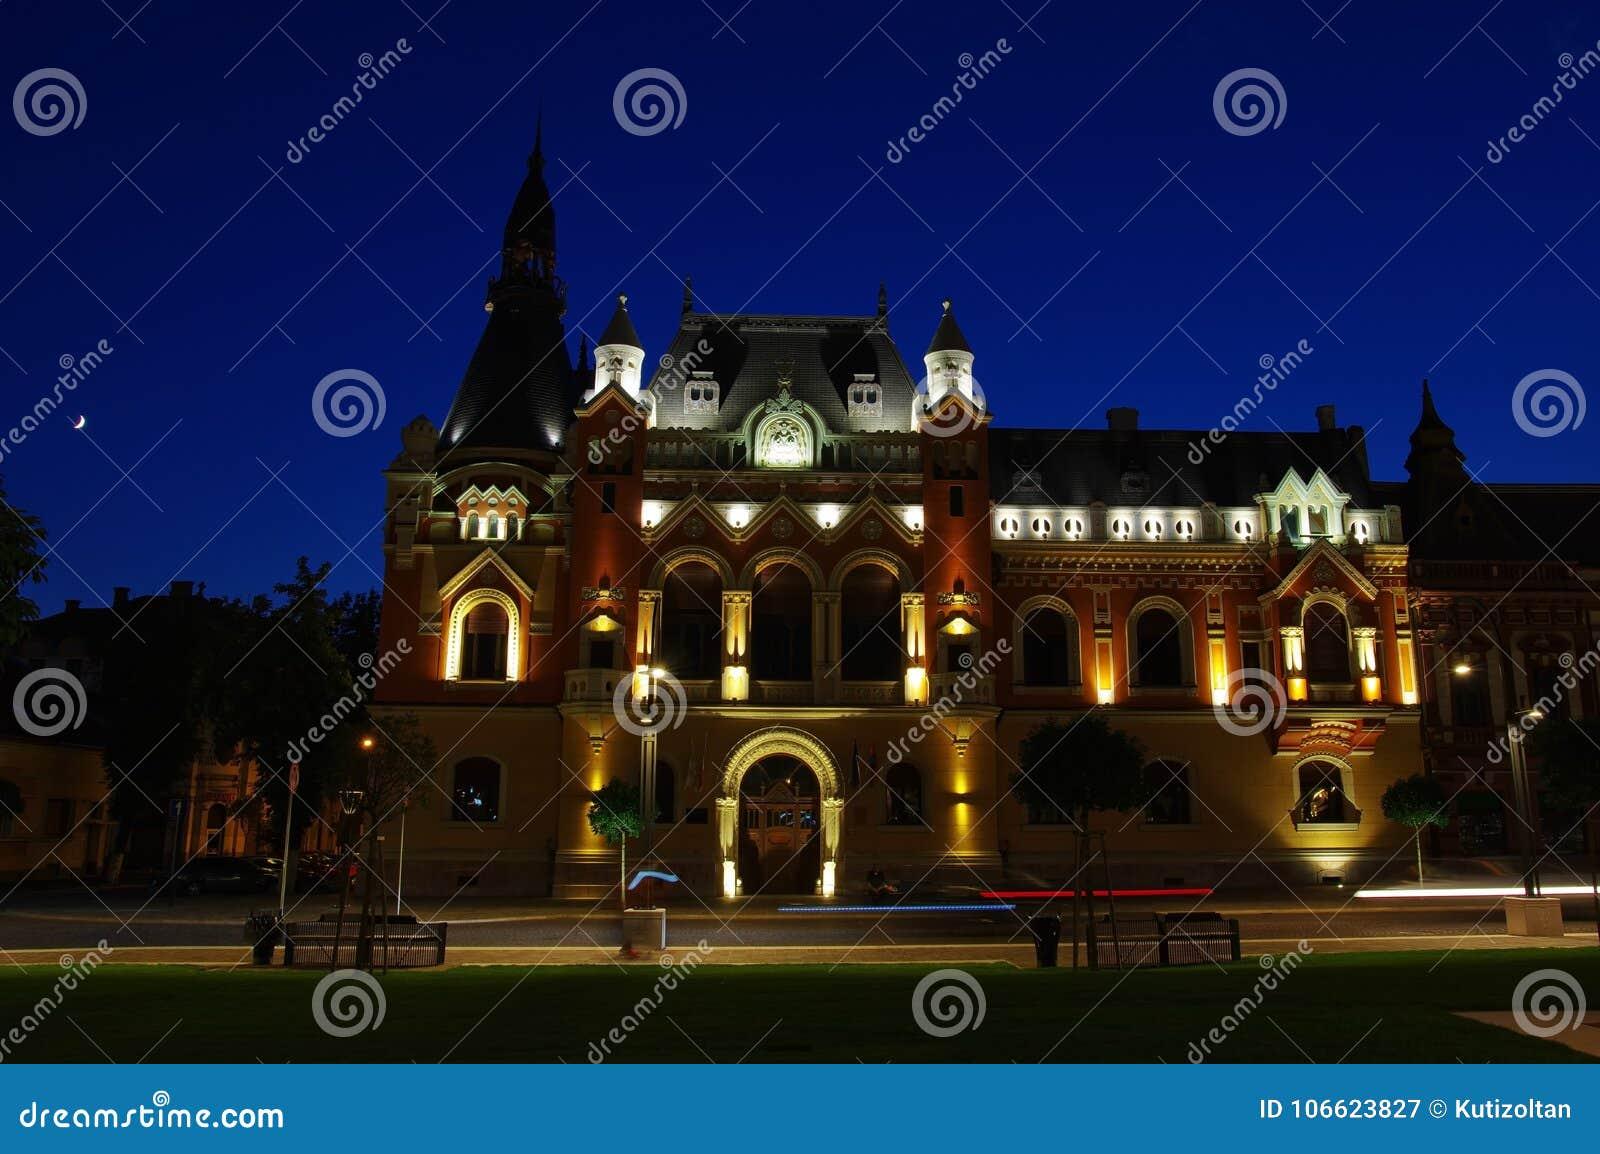 The Greek Catholic bishopric palace in Oradea, Romania